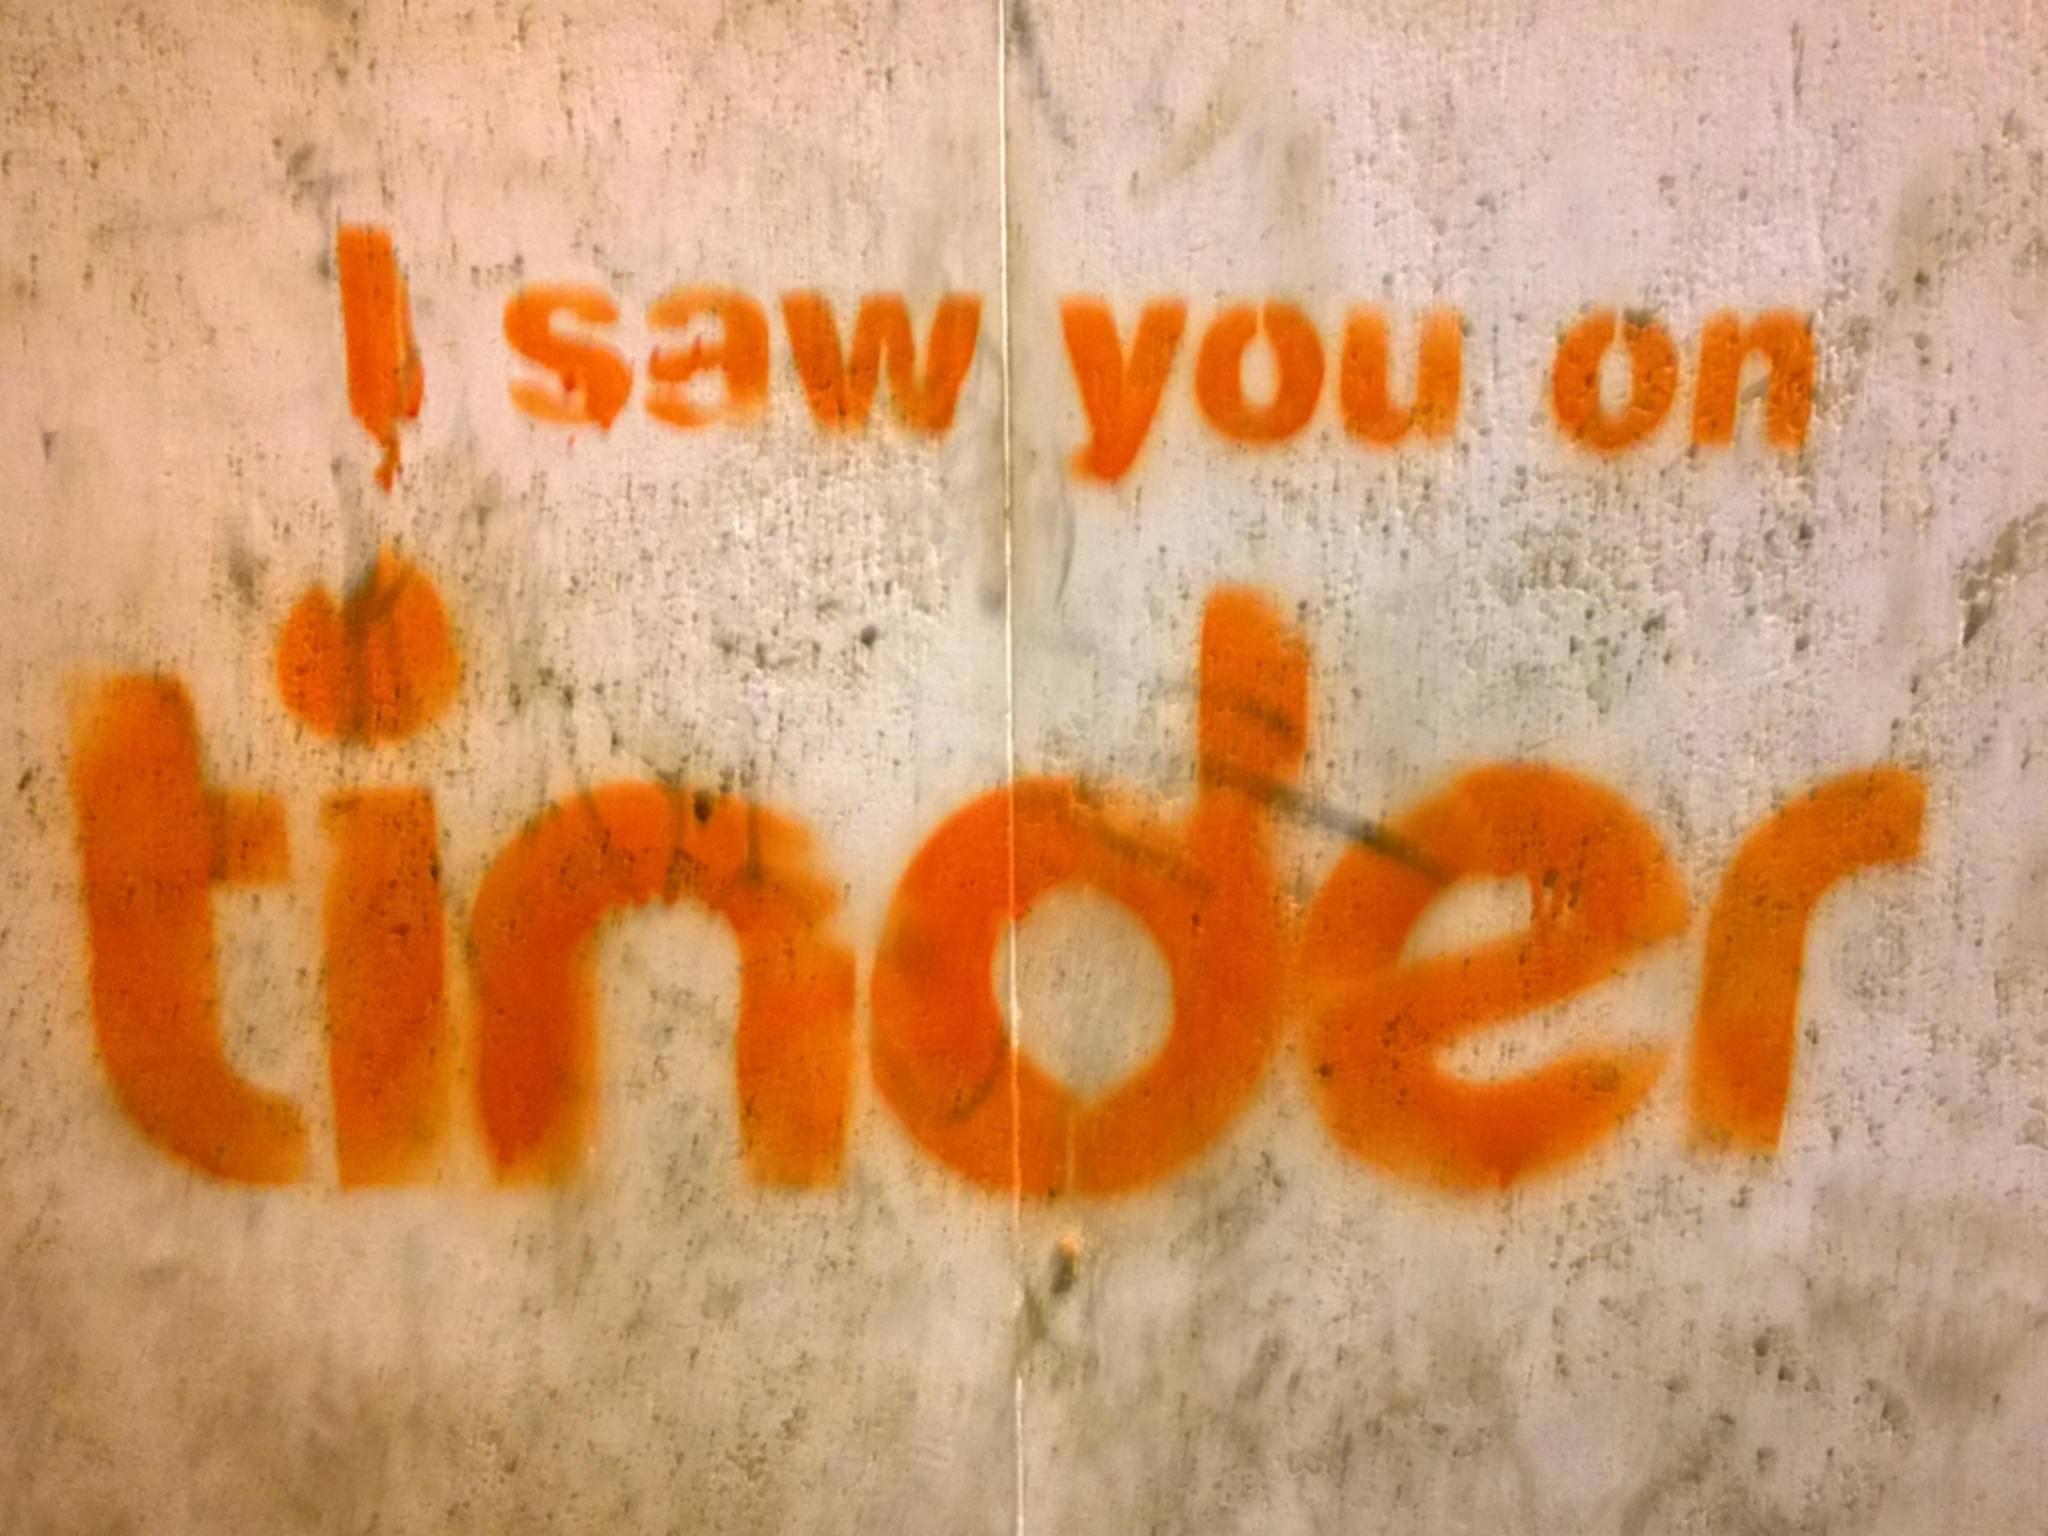 Tinder Plus kostet für ältere Nutzer mehr.